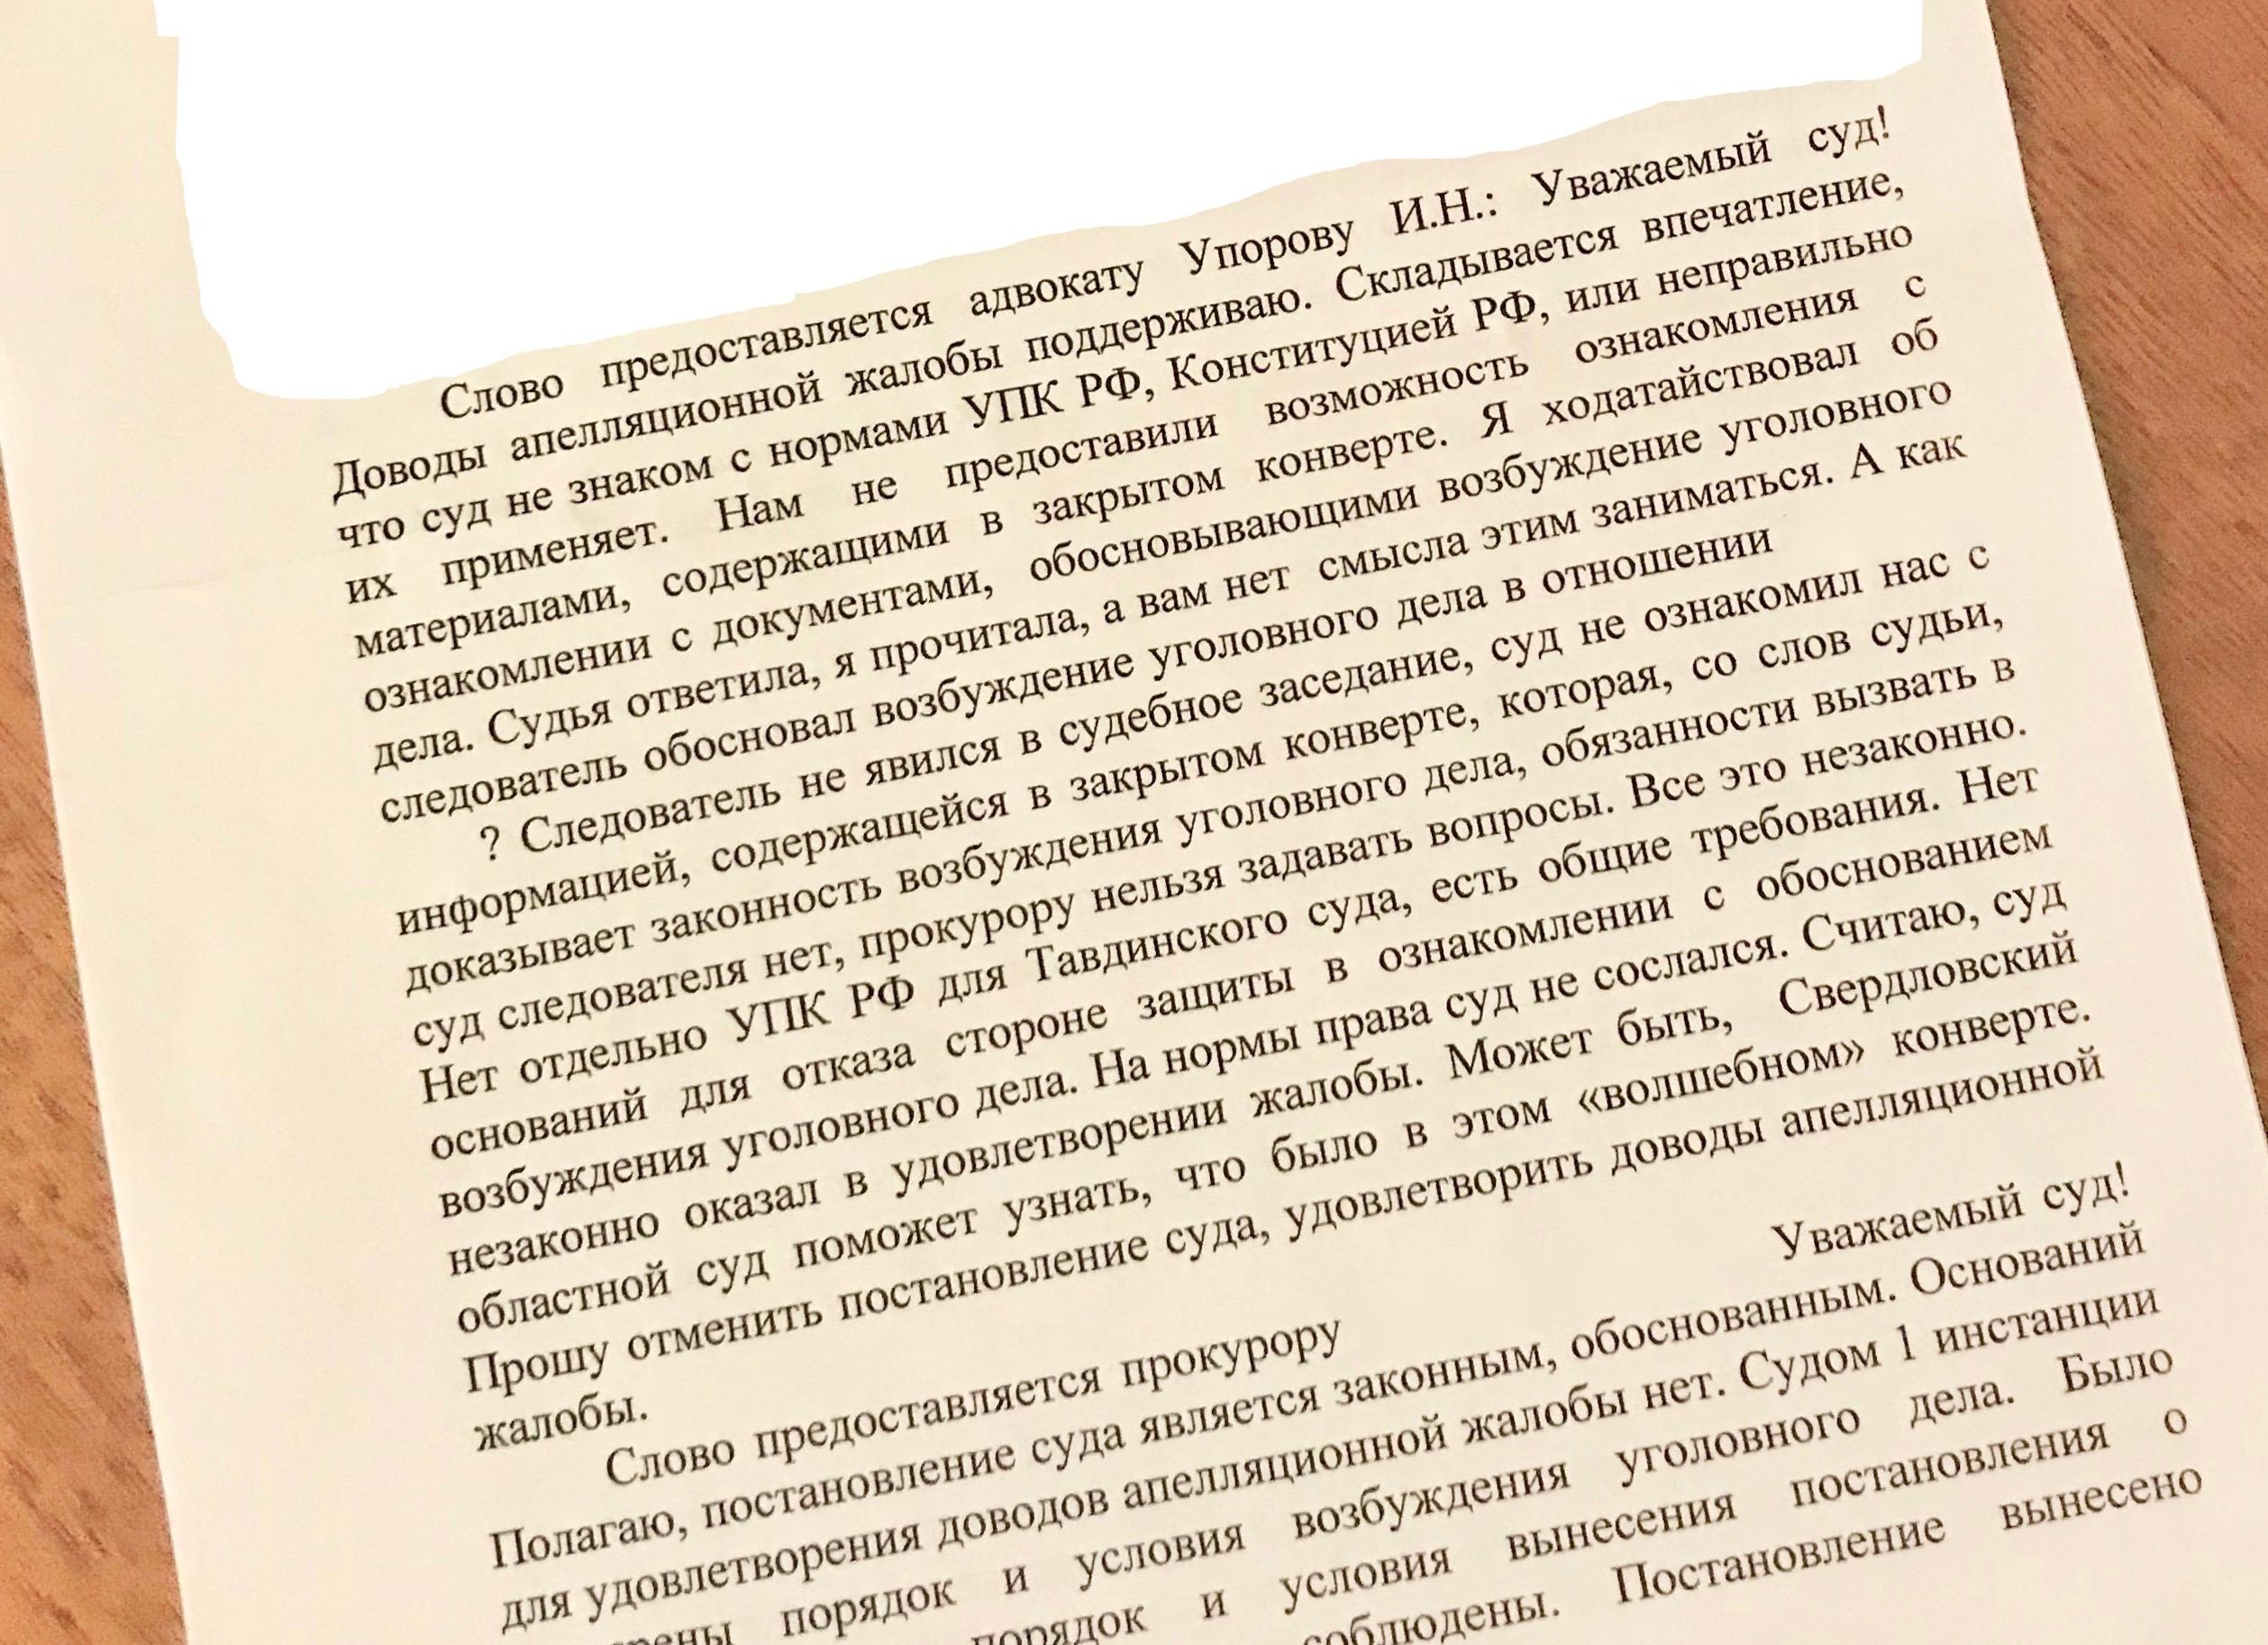 Отмена постановления суда, о возбуждении уголовного дела по ст. 159 УК РФ